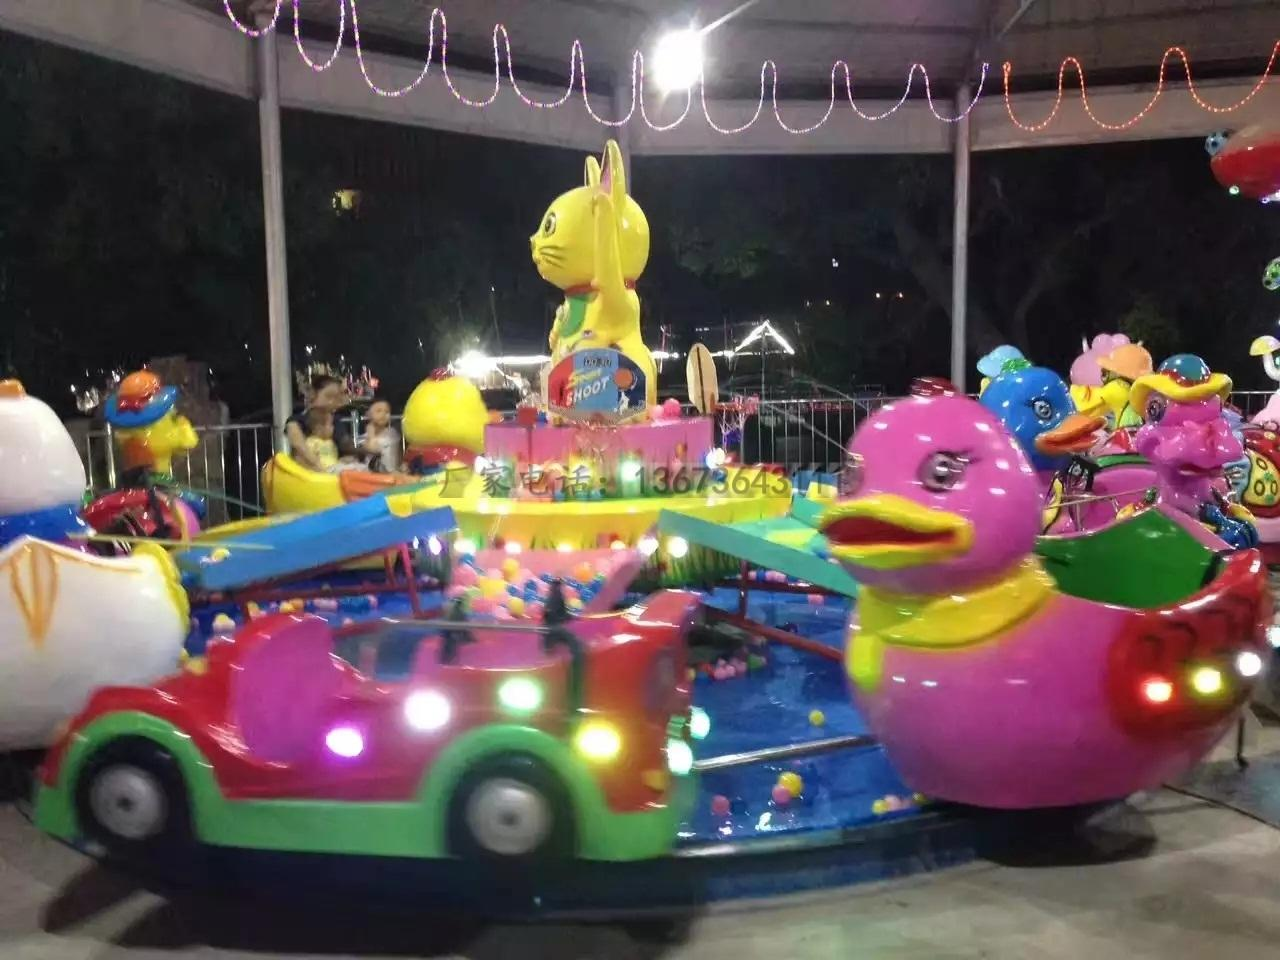 儿童游乐场游乐设备西瓜飞椅_16座旋转水果飞椅_郑州大洋水果旋风示例图48